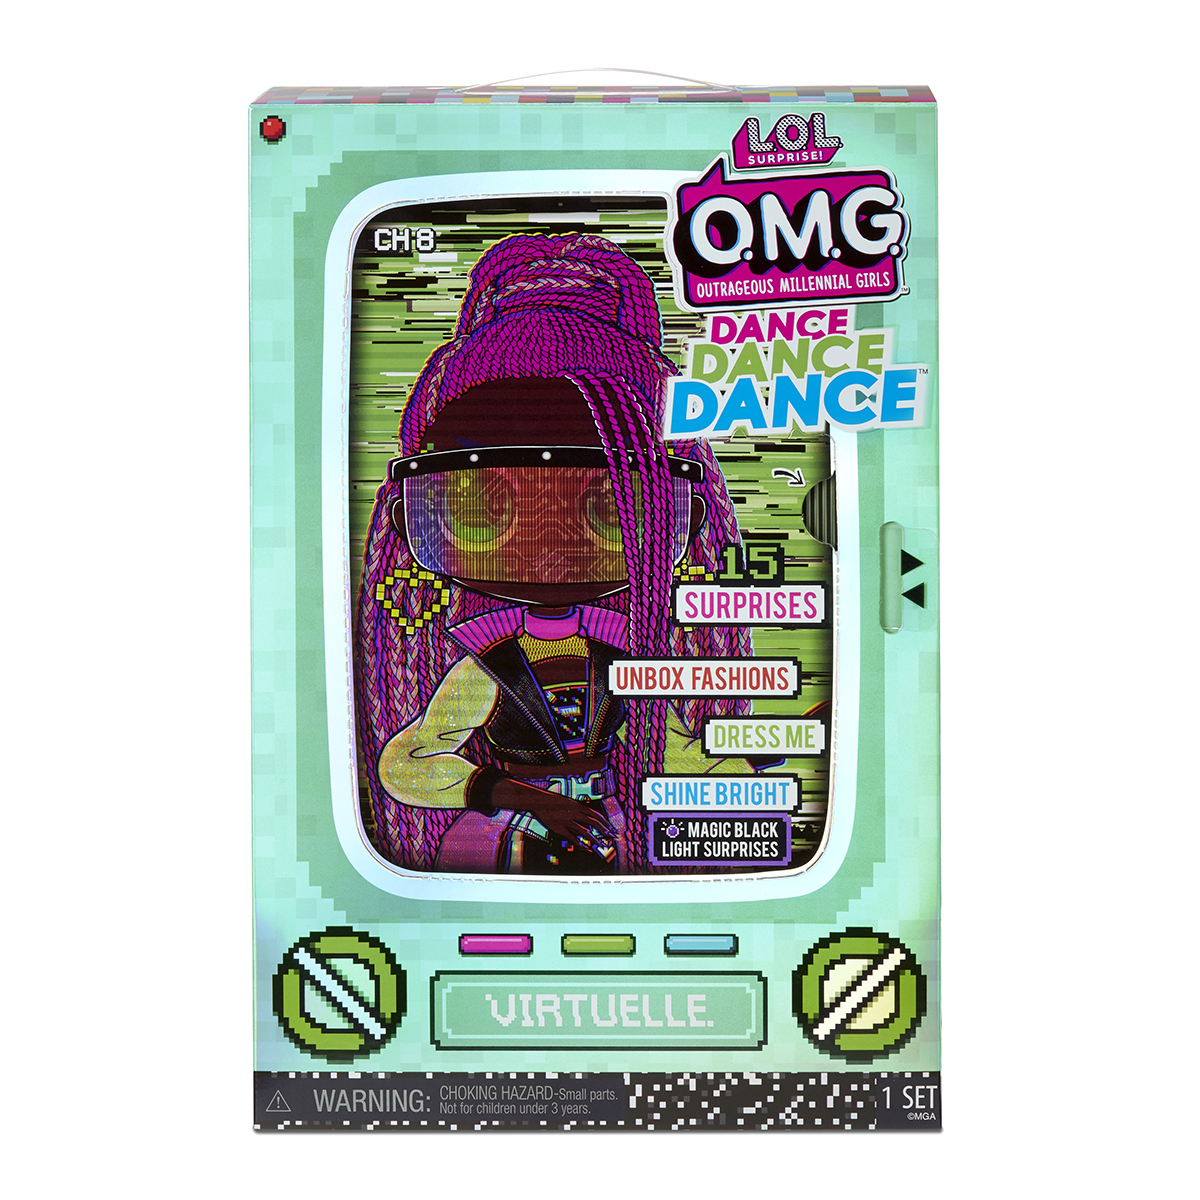 Papusa LOL OMG Surprise Dance, Virtuelle, 15 surprize, 117865EUC